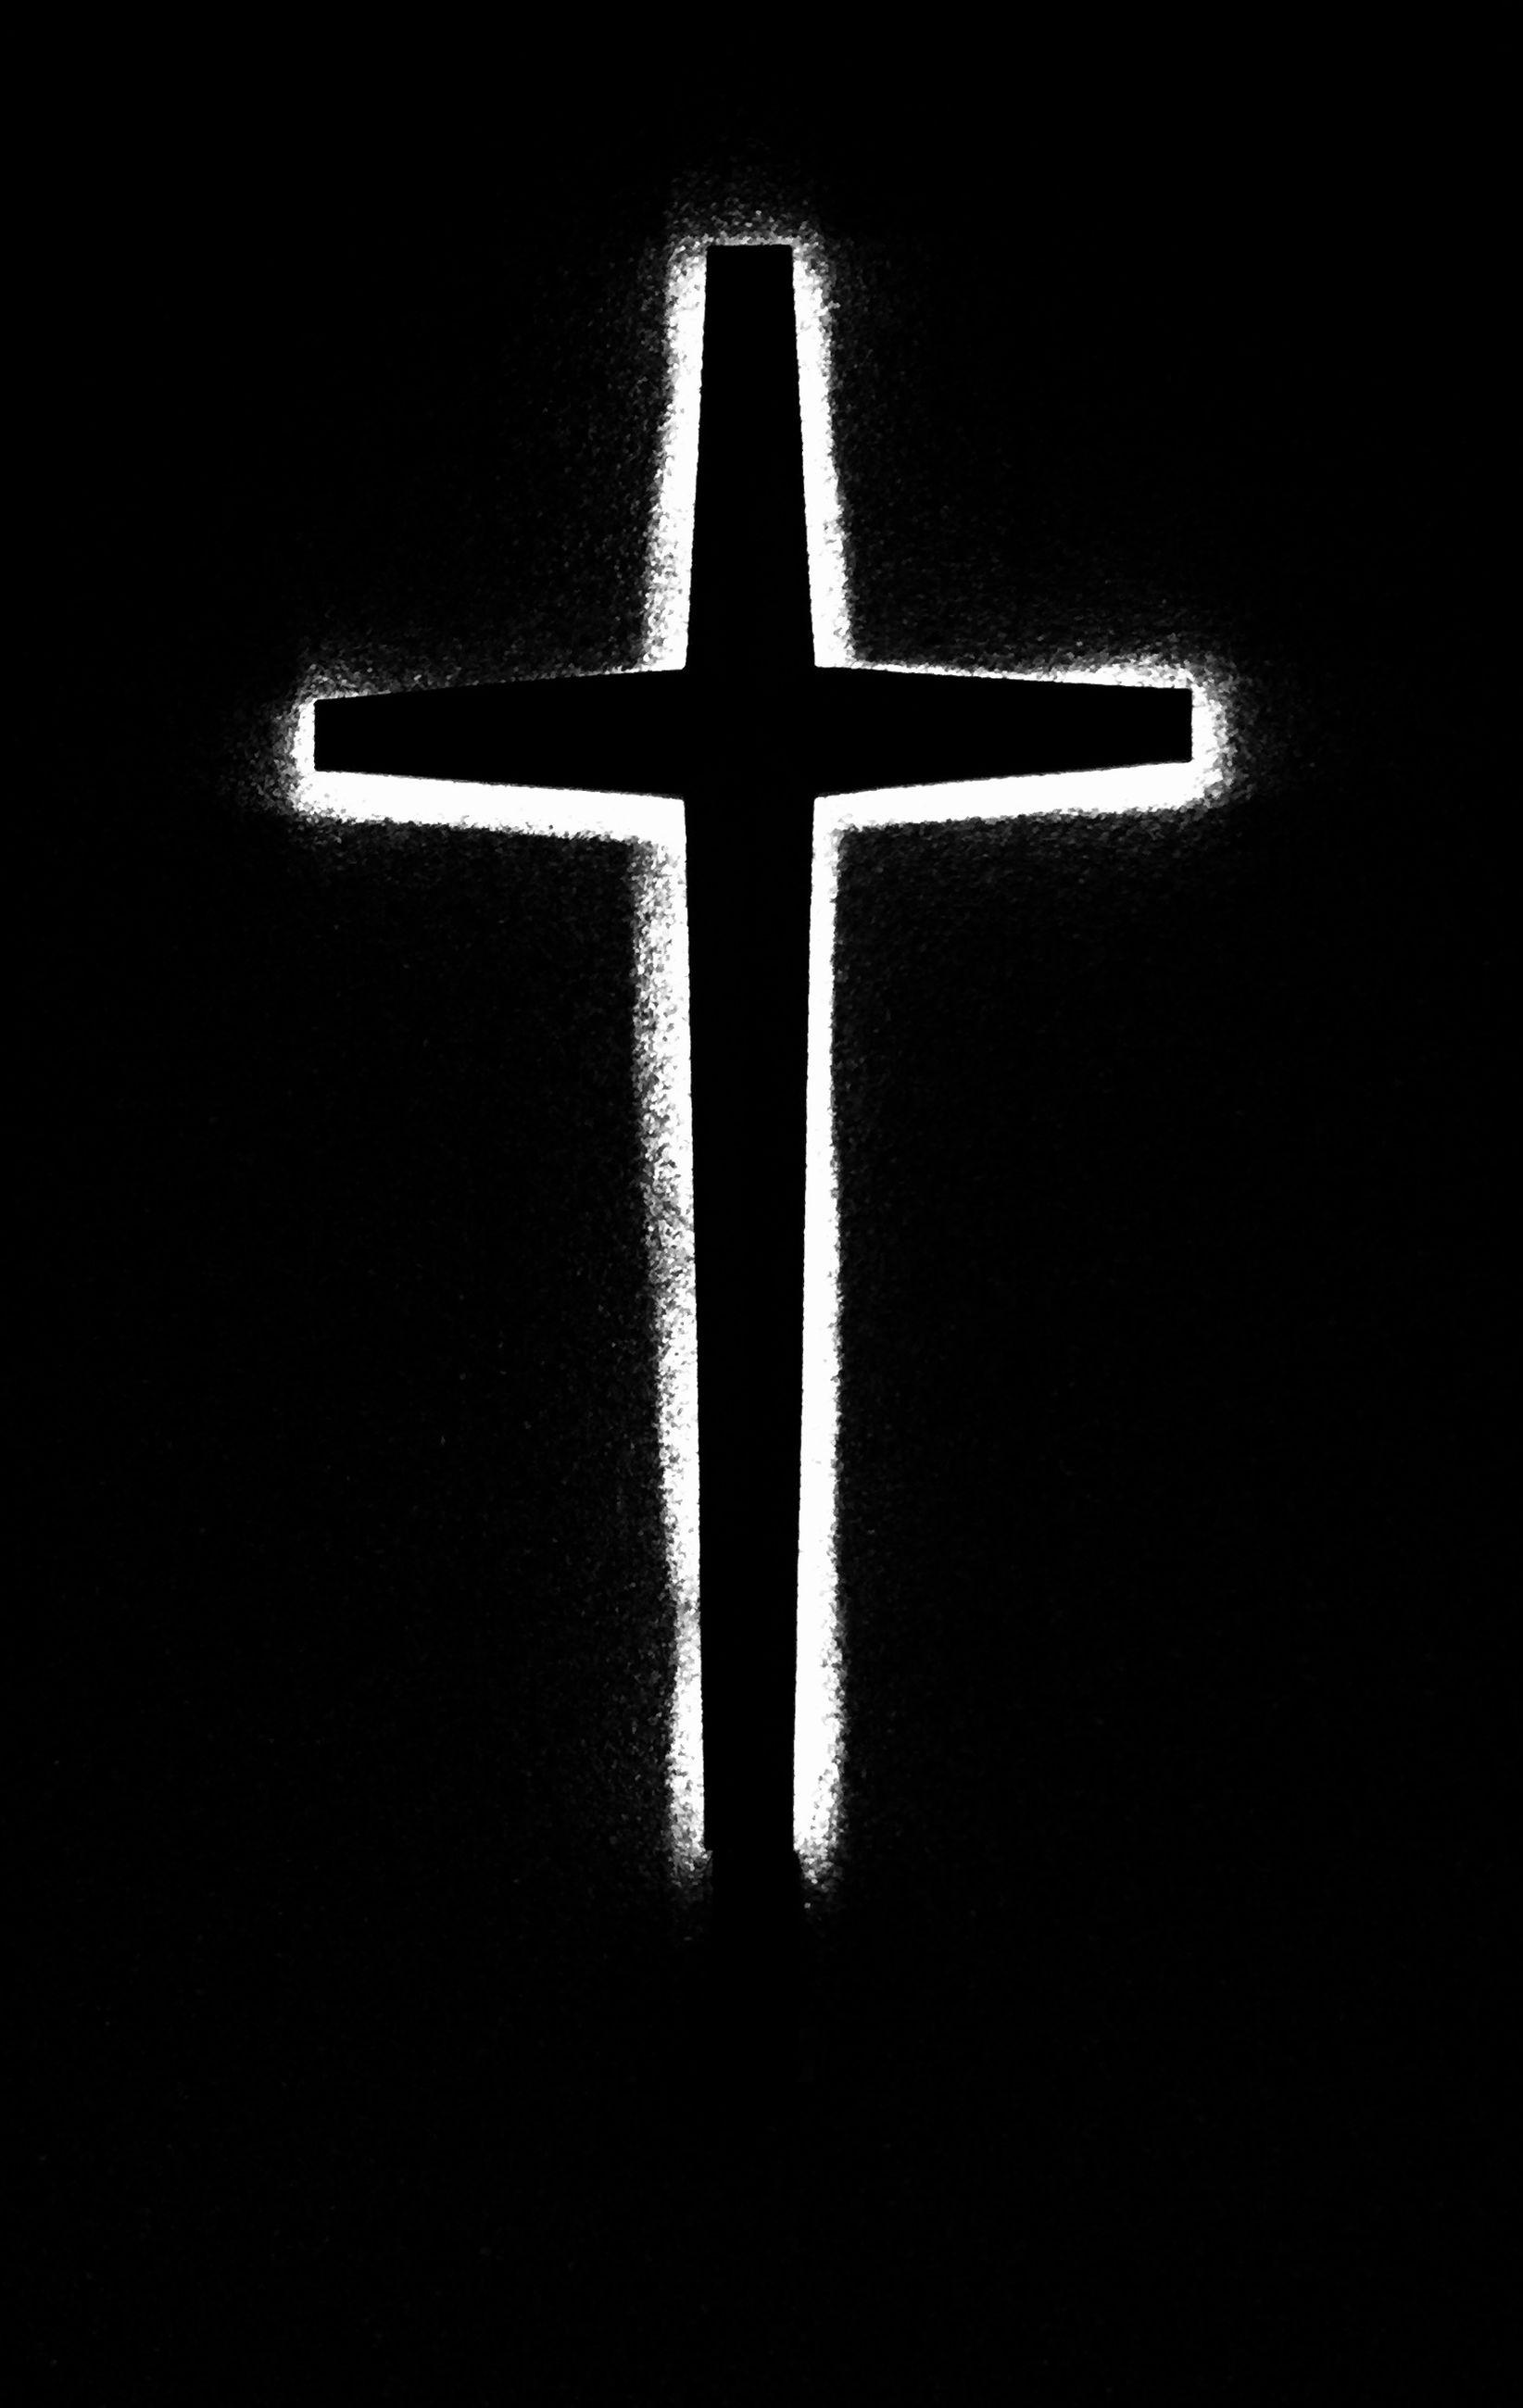 Cross against black background